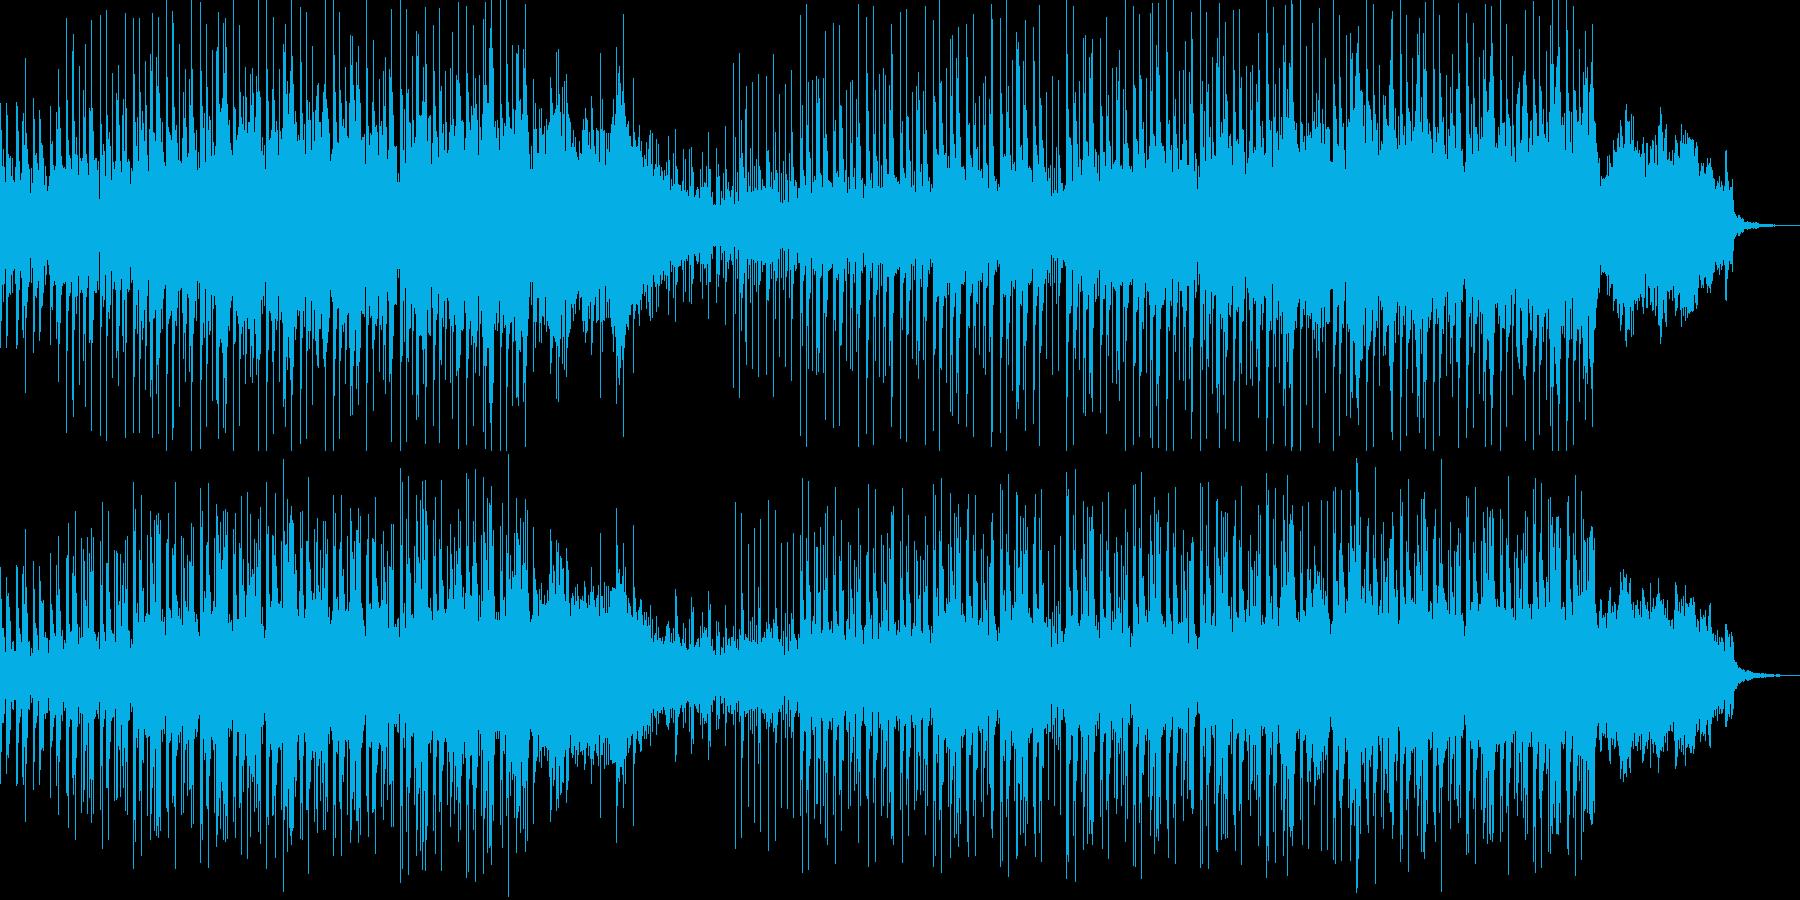 おしゃれでスピード感のあるメロディーの再生済みの波形